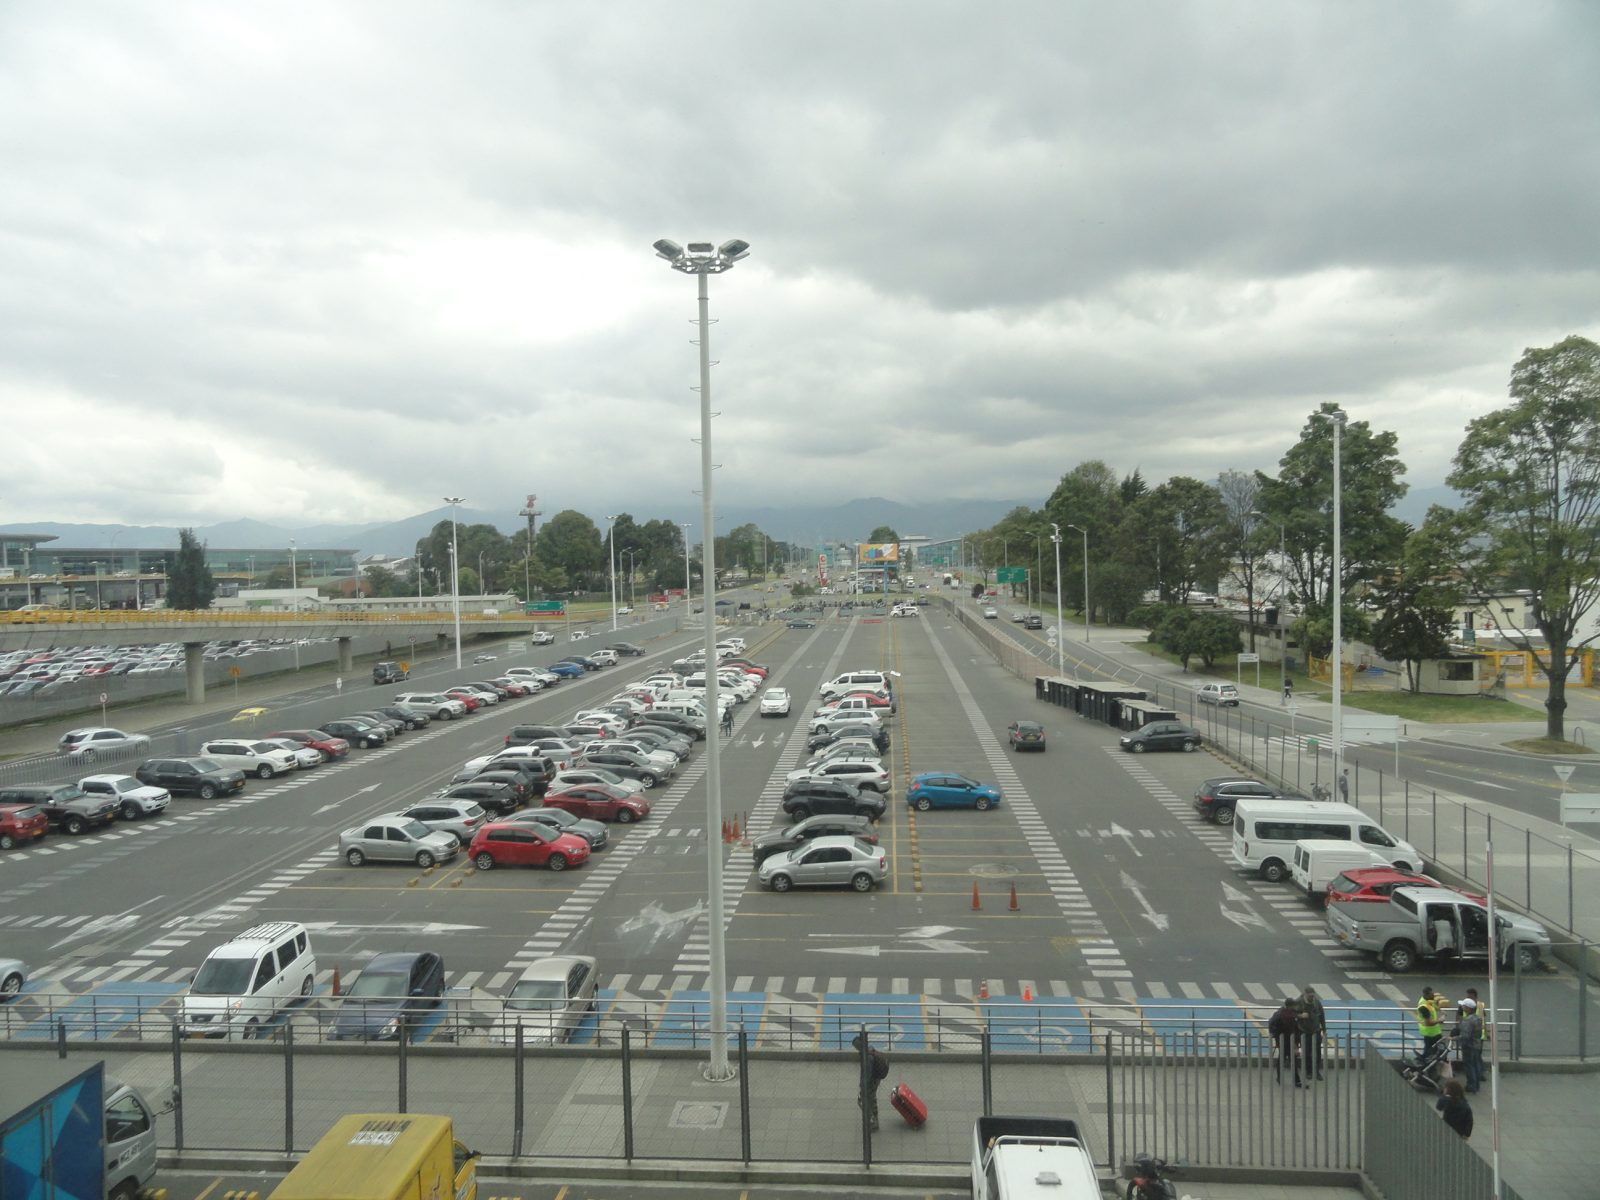 Aeroporto Internacional El Dorado Bogotá Colômbia